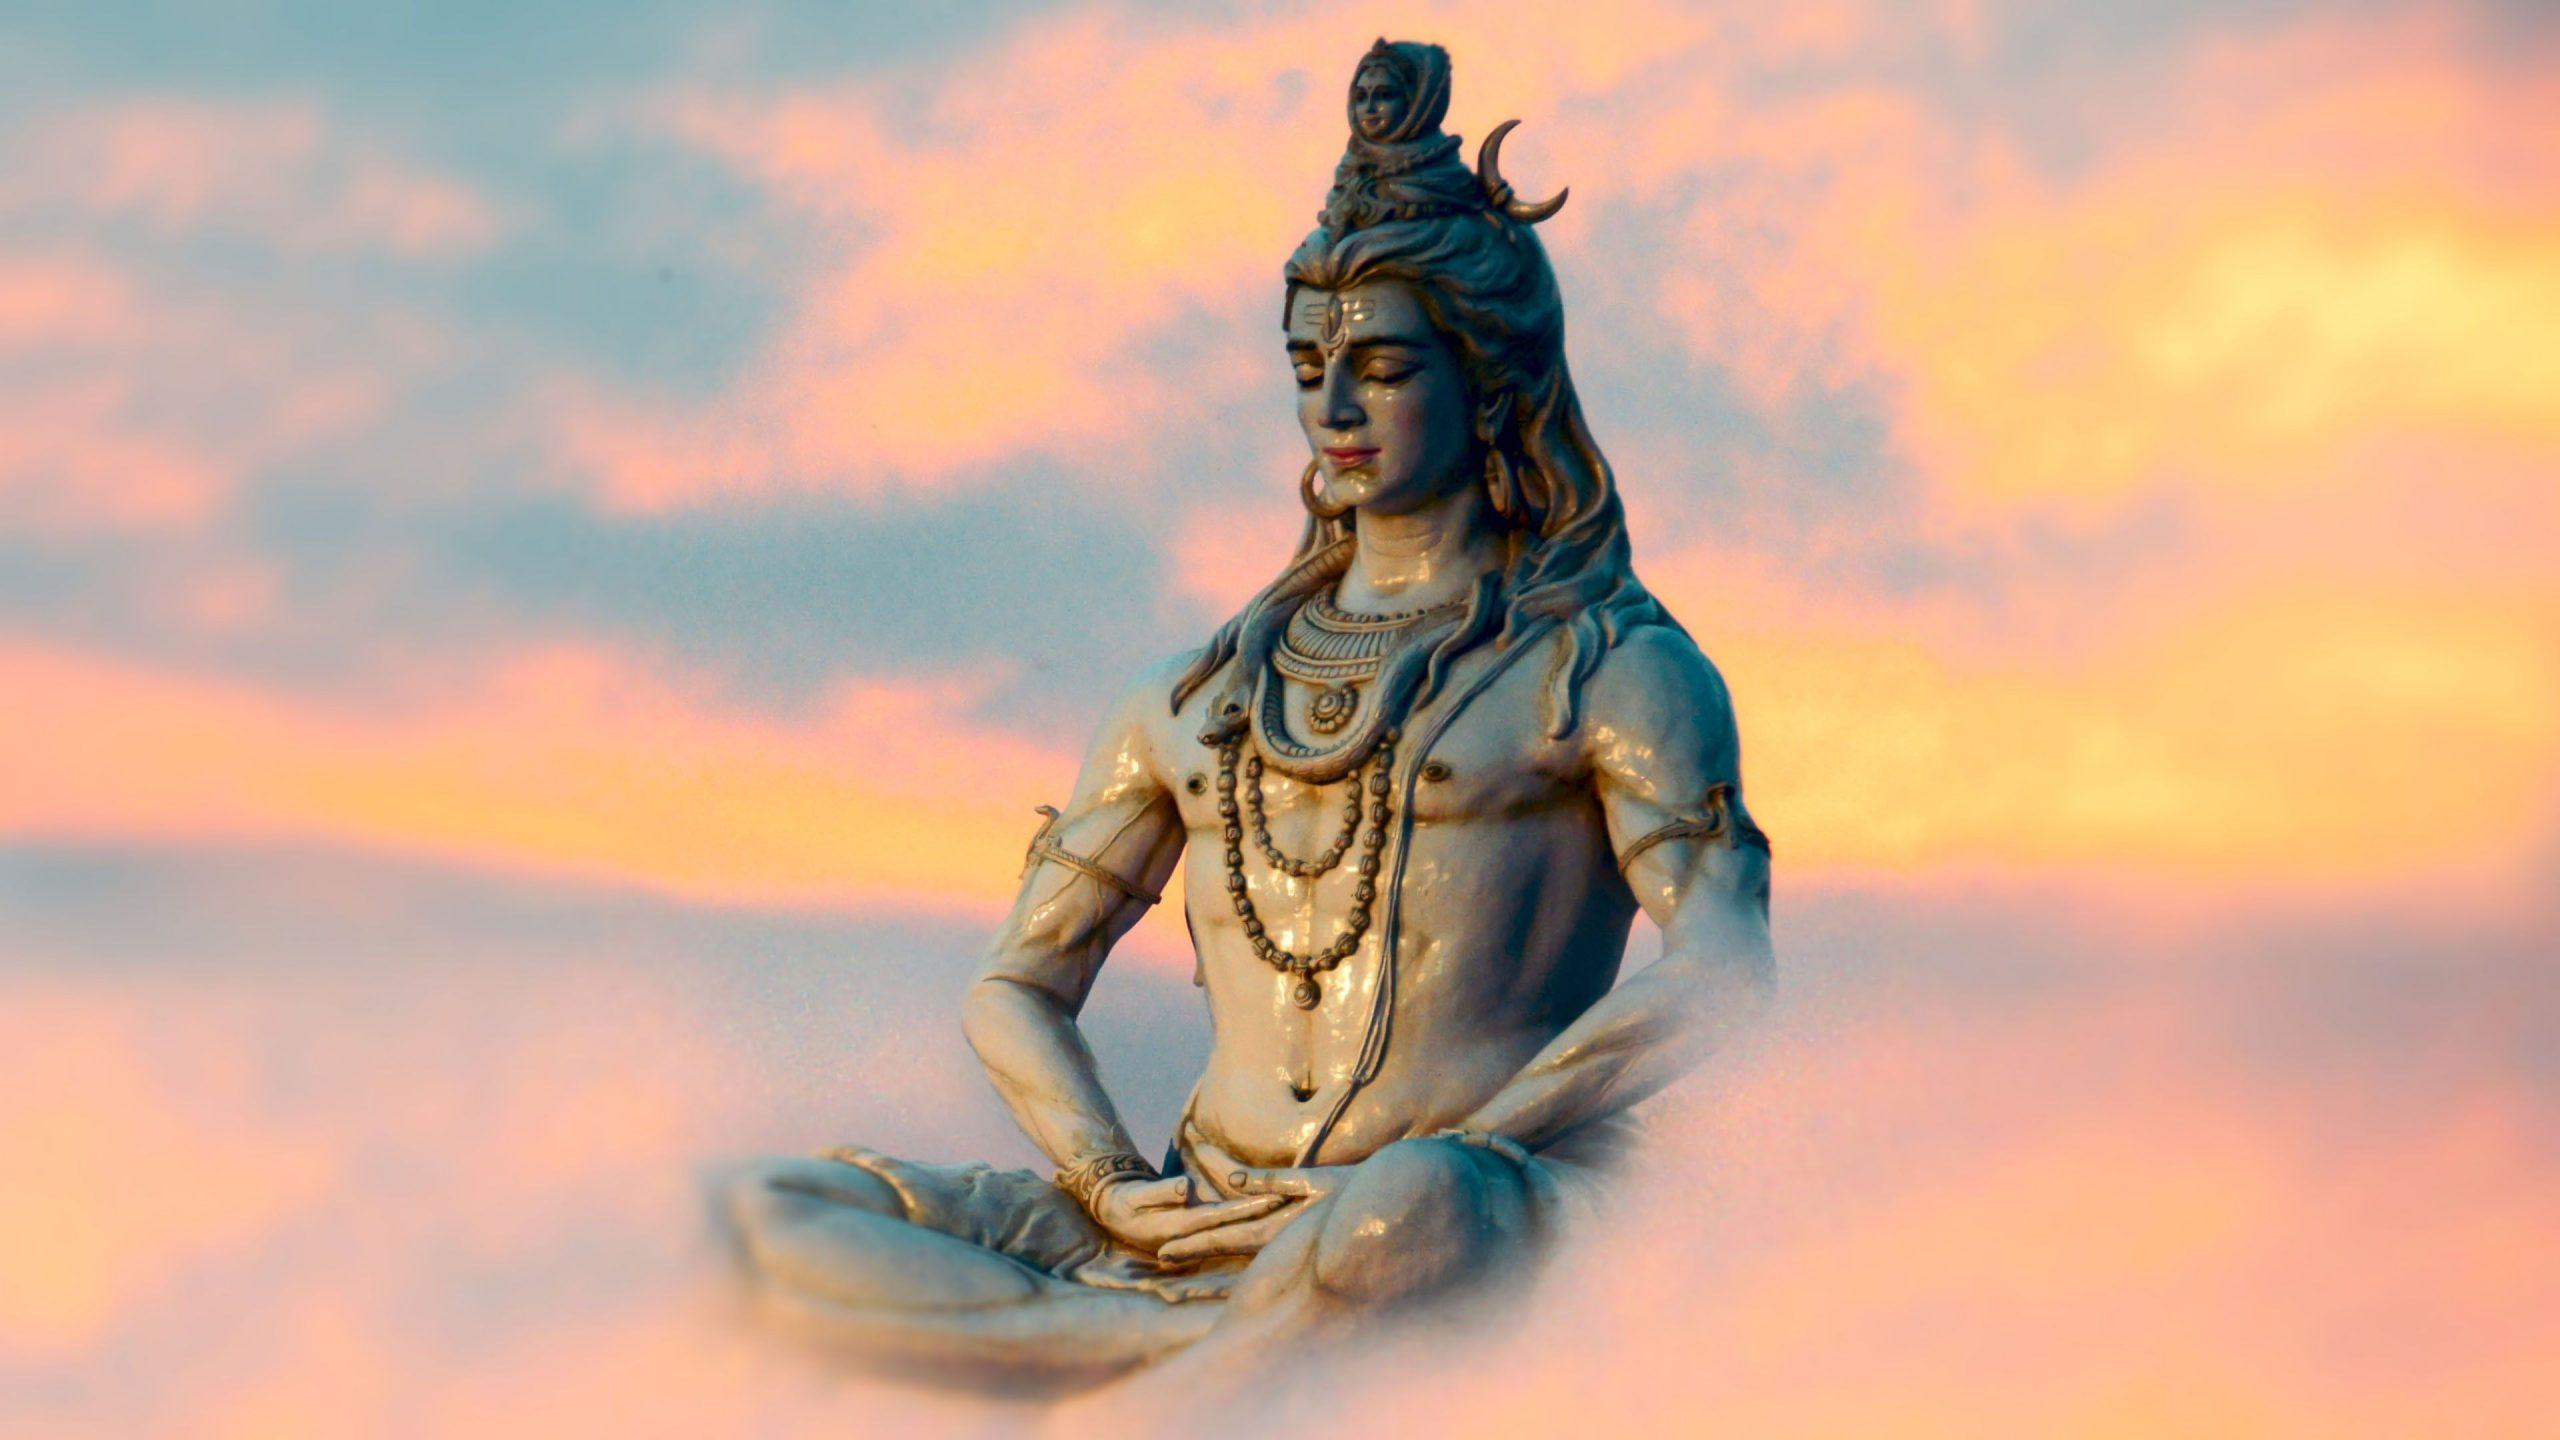 आज महाशिवरात्रिः भगवान् शिवको विशेष पूजा गरी मनाइँदै